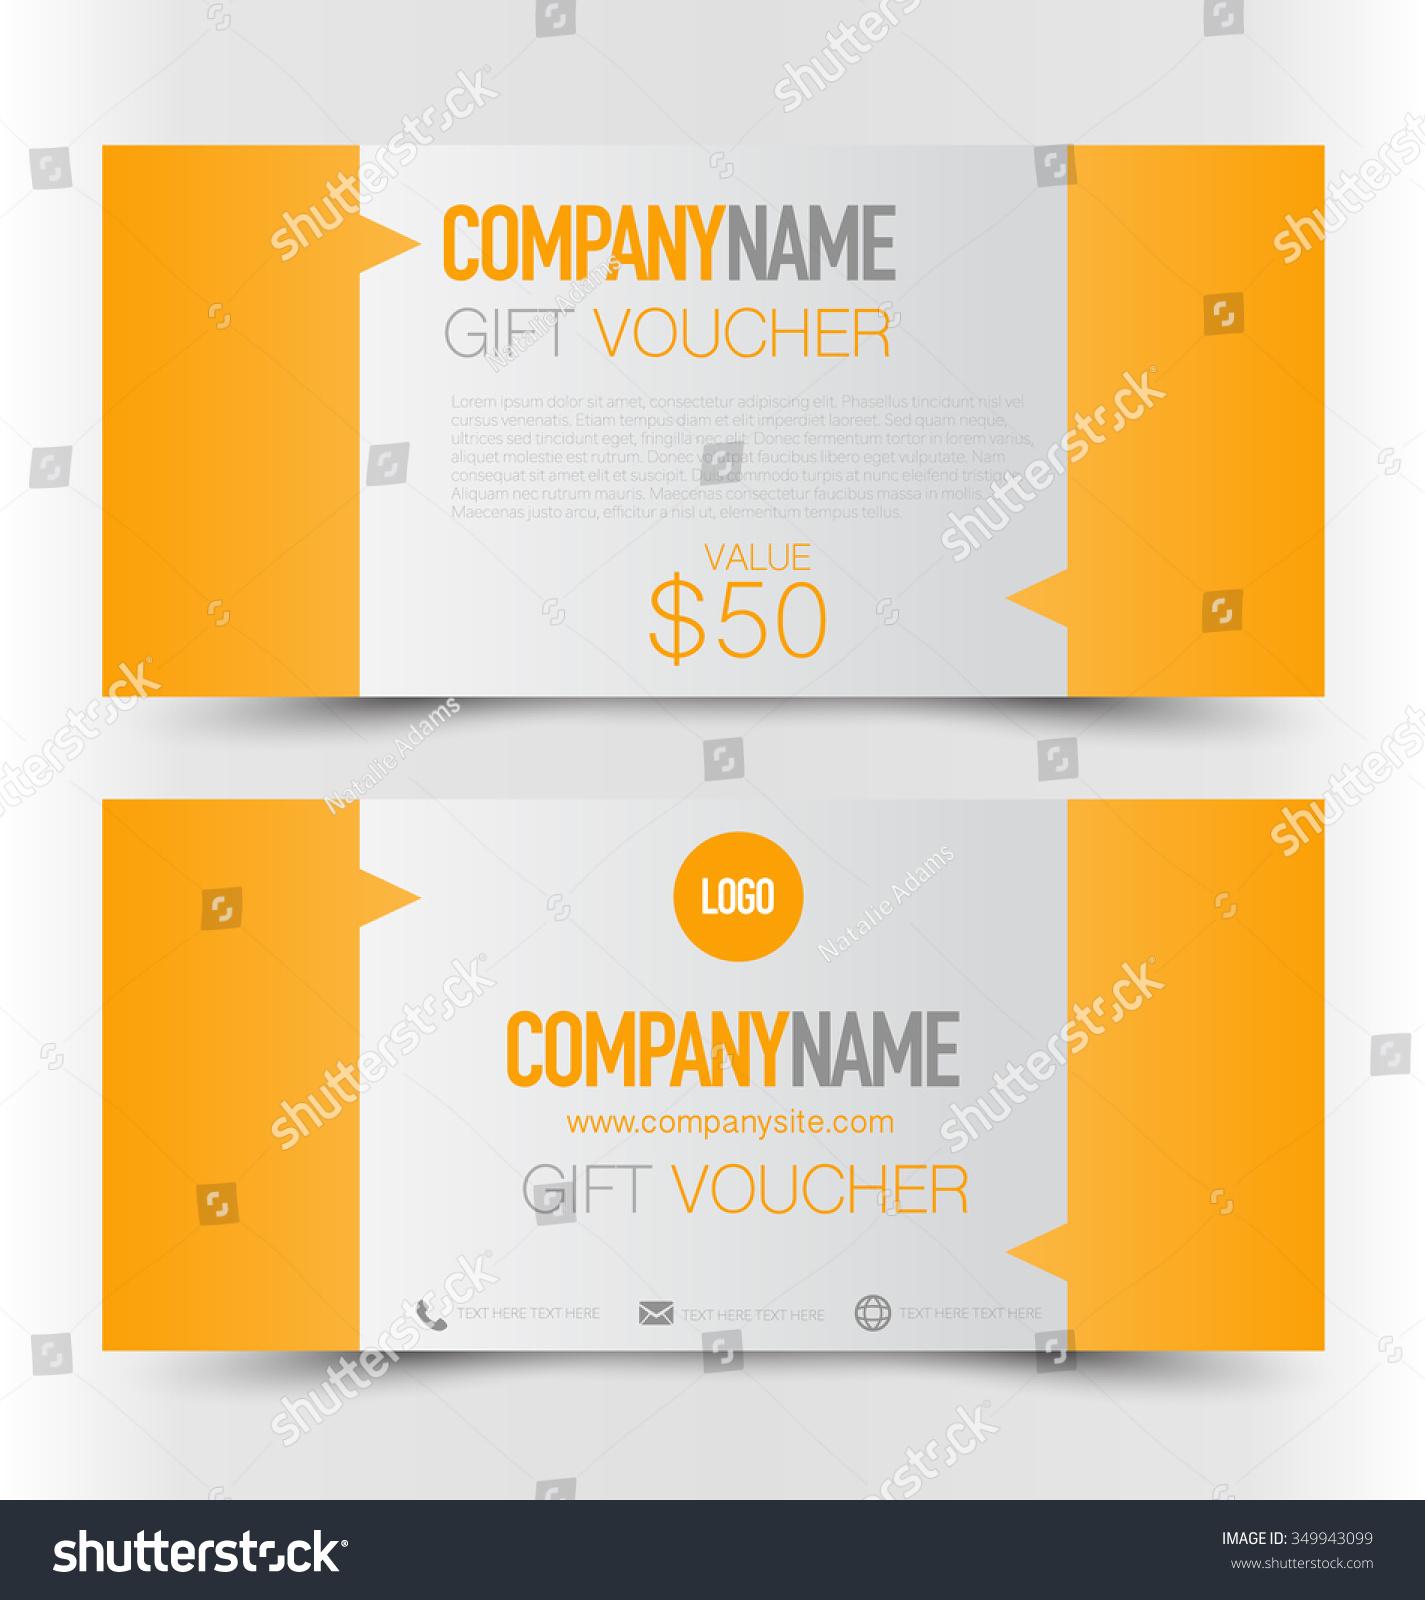 t card voucher business banner template stock vector